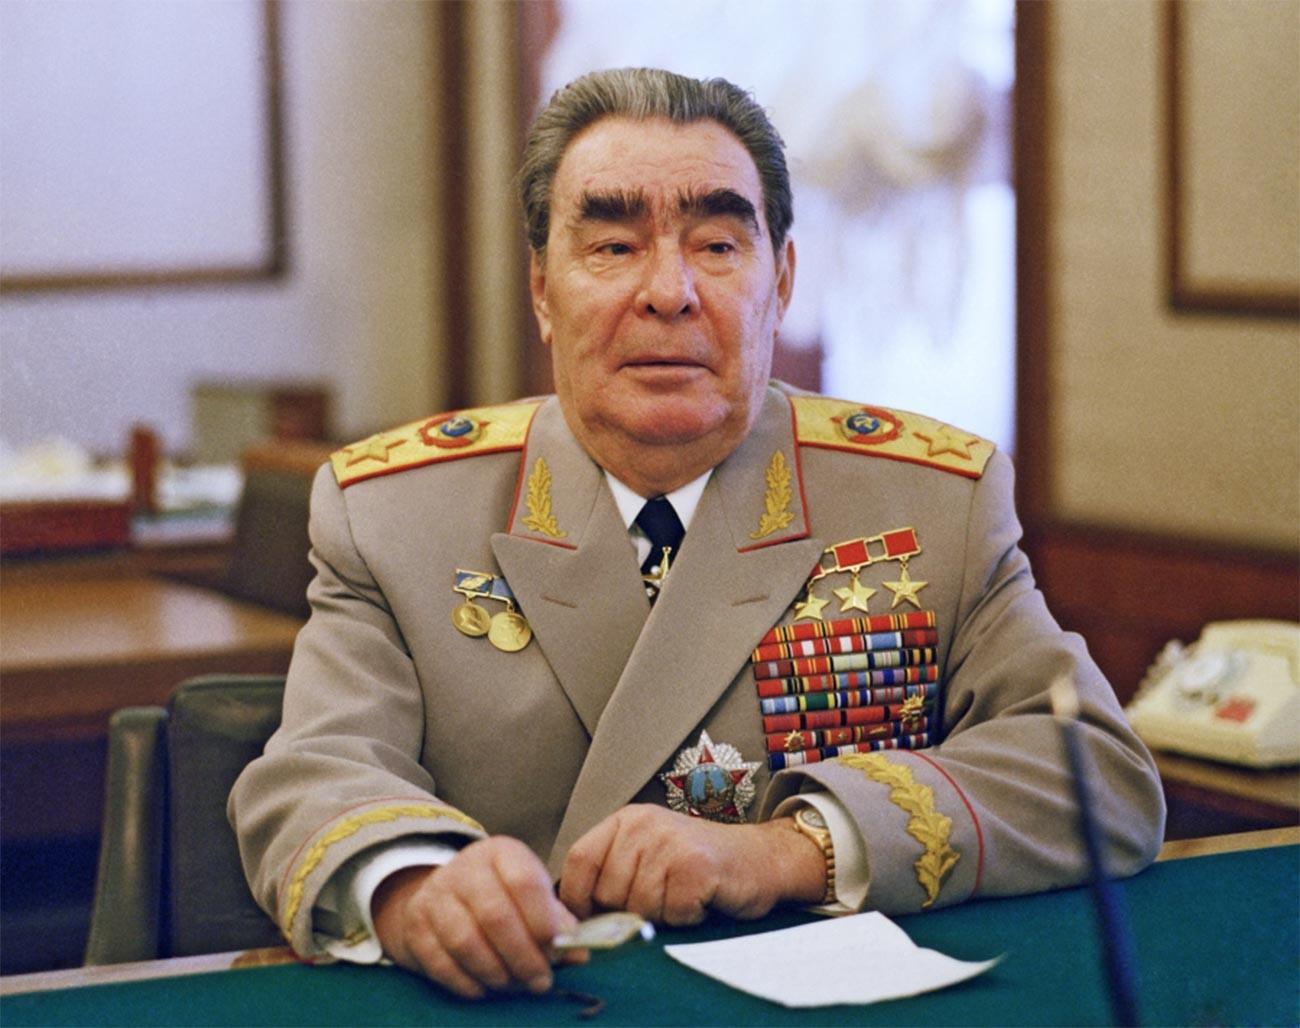 Леонид Иљич Брежњев, генерални секретар Централног комитета КПСС.